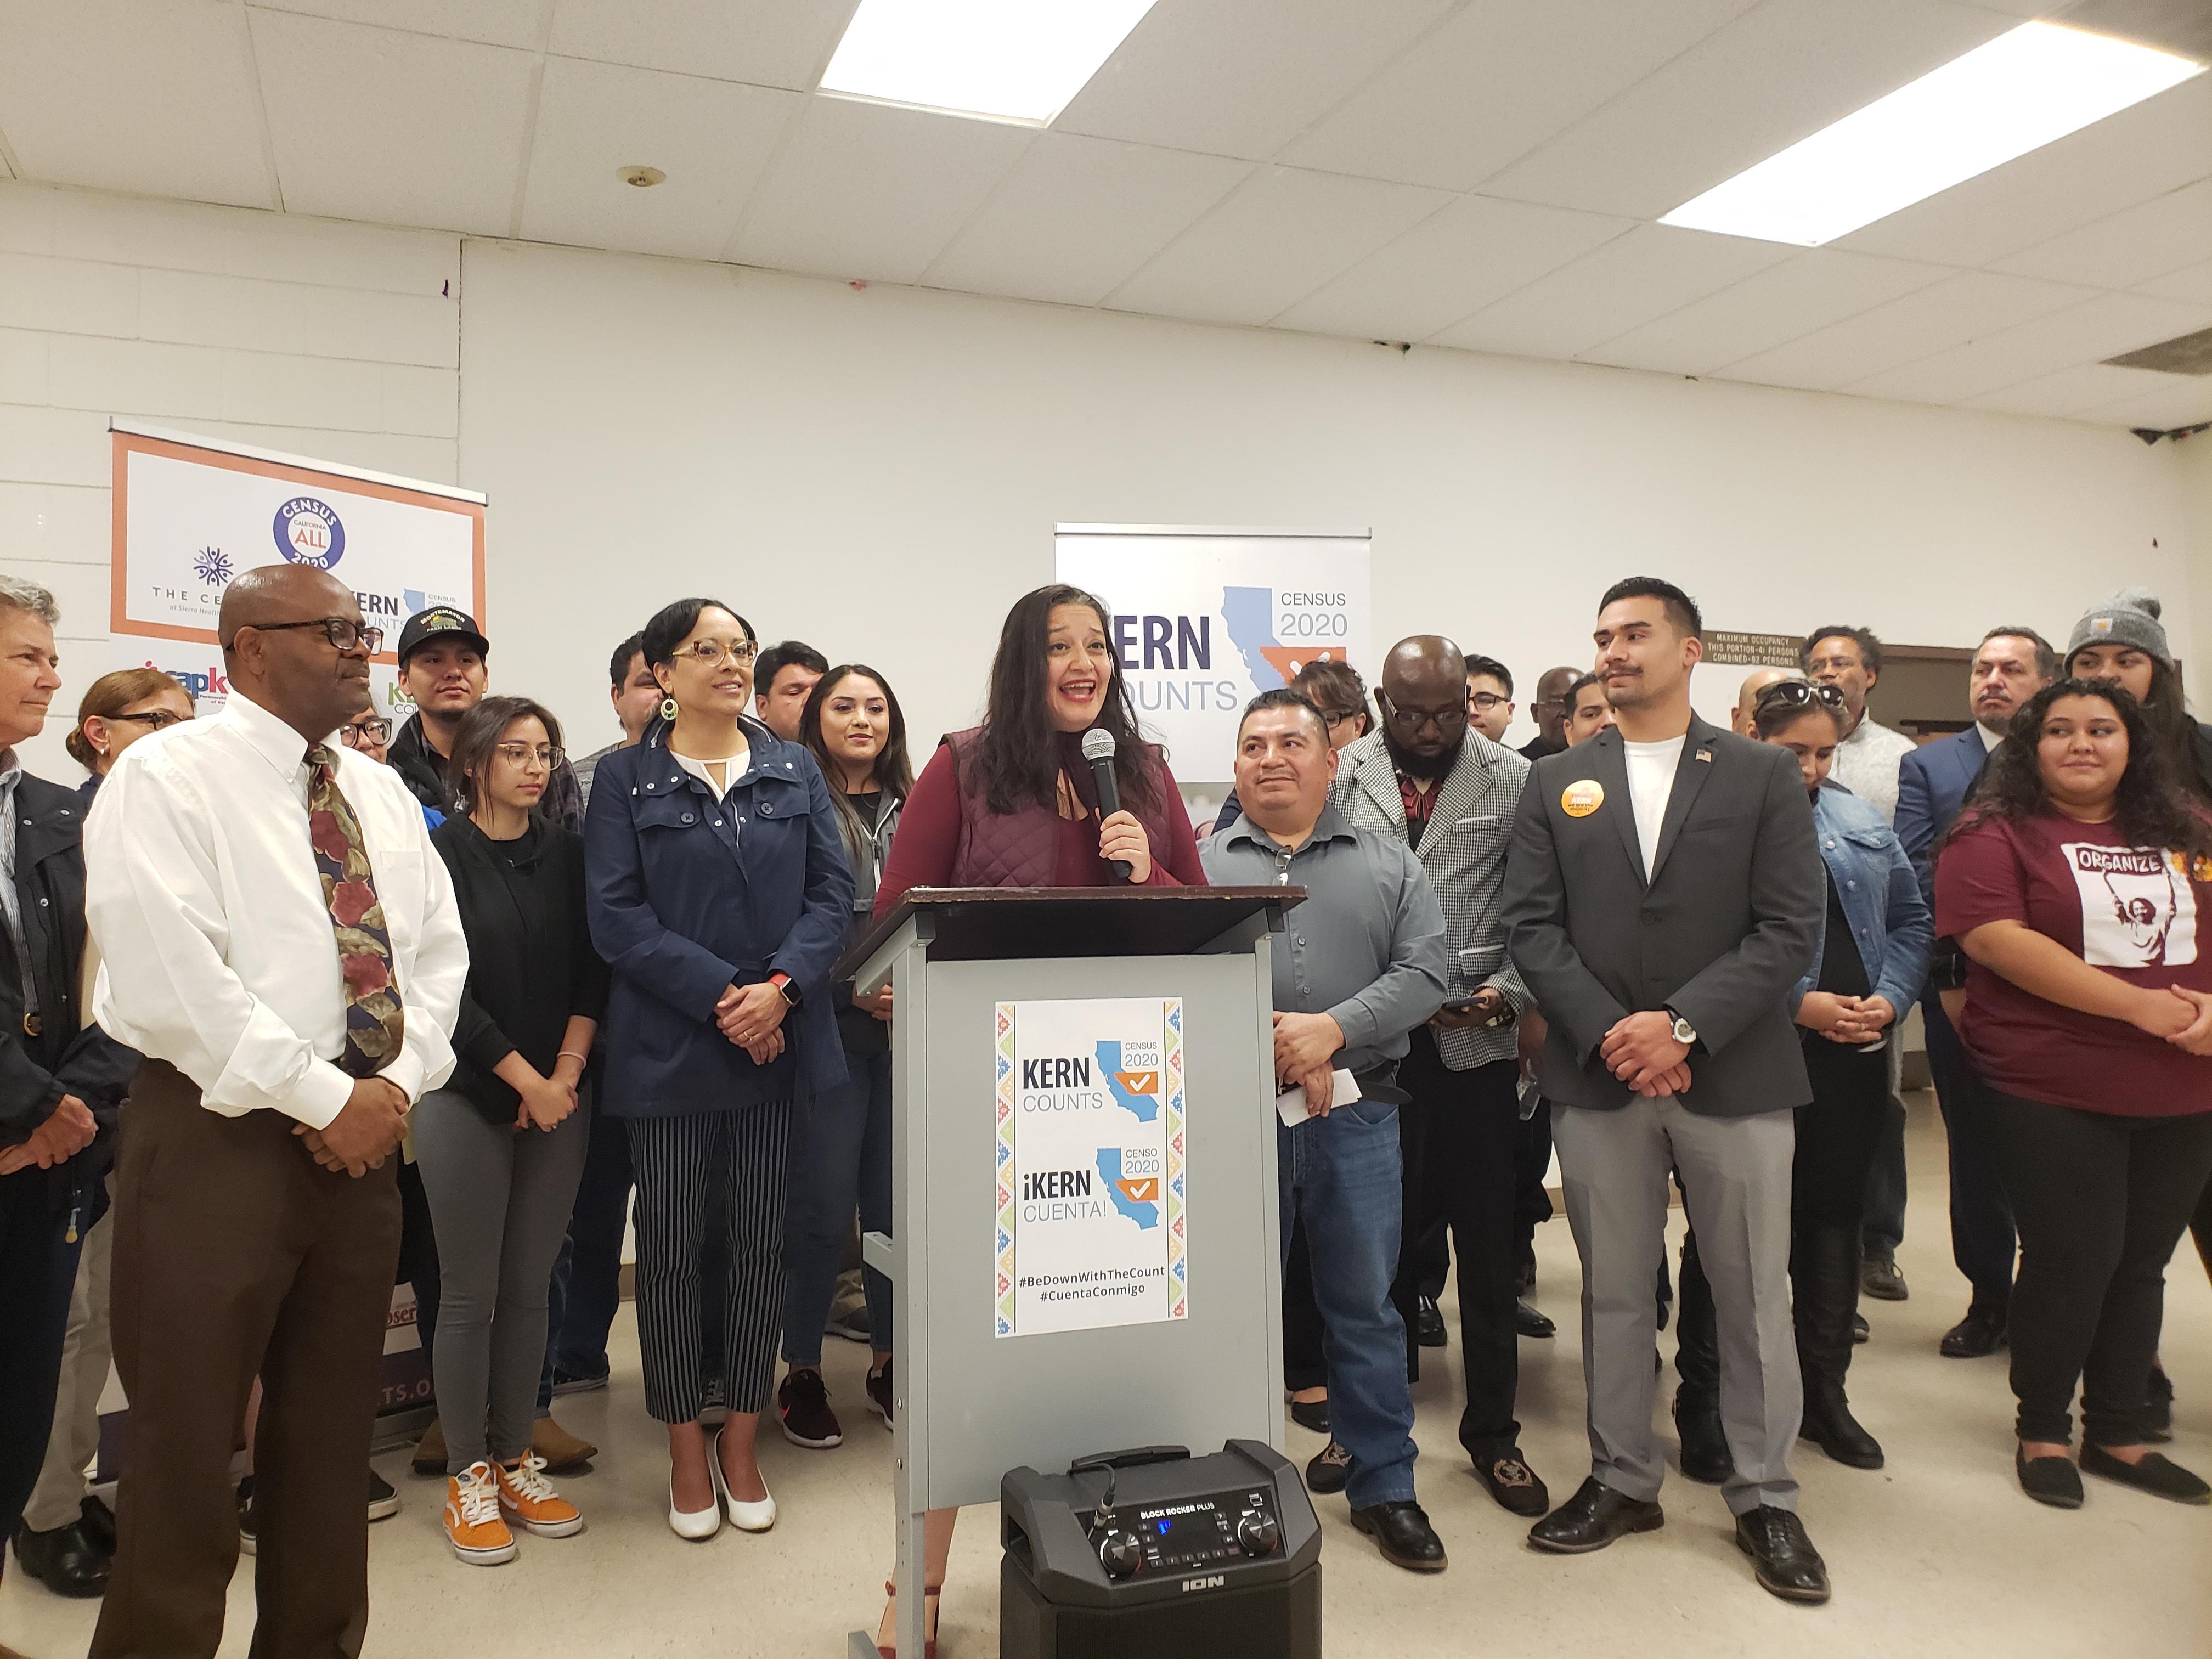 Cindy Quezada, de Sierra Health Foundation, a su derecha La Supervisora del Condado Kern, Leticia Pérez.